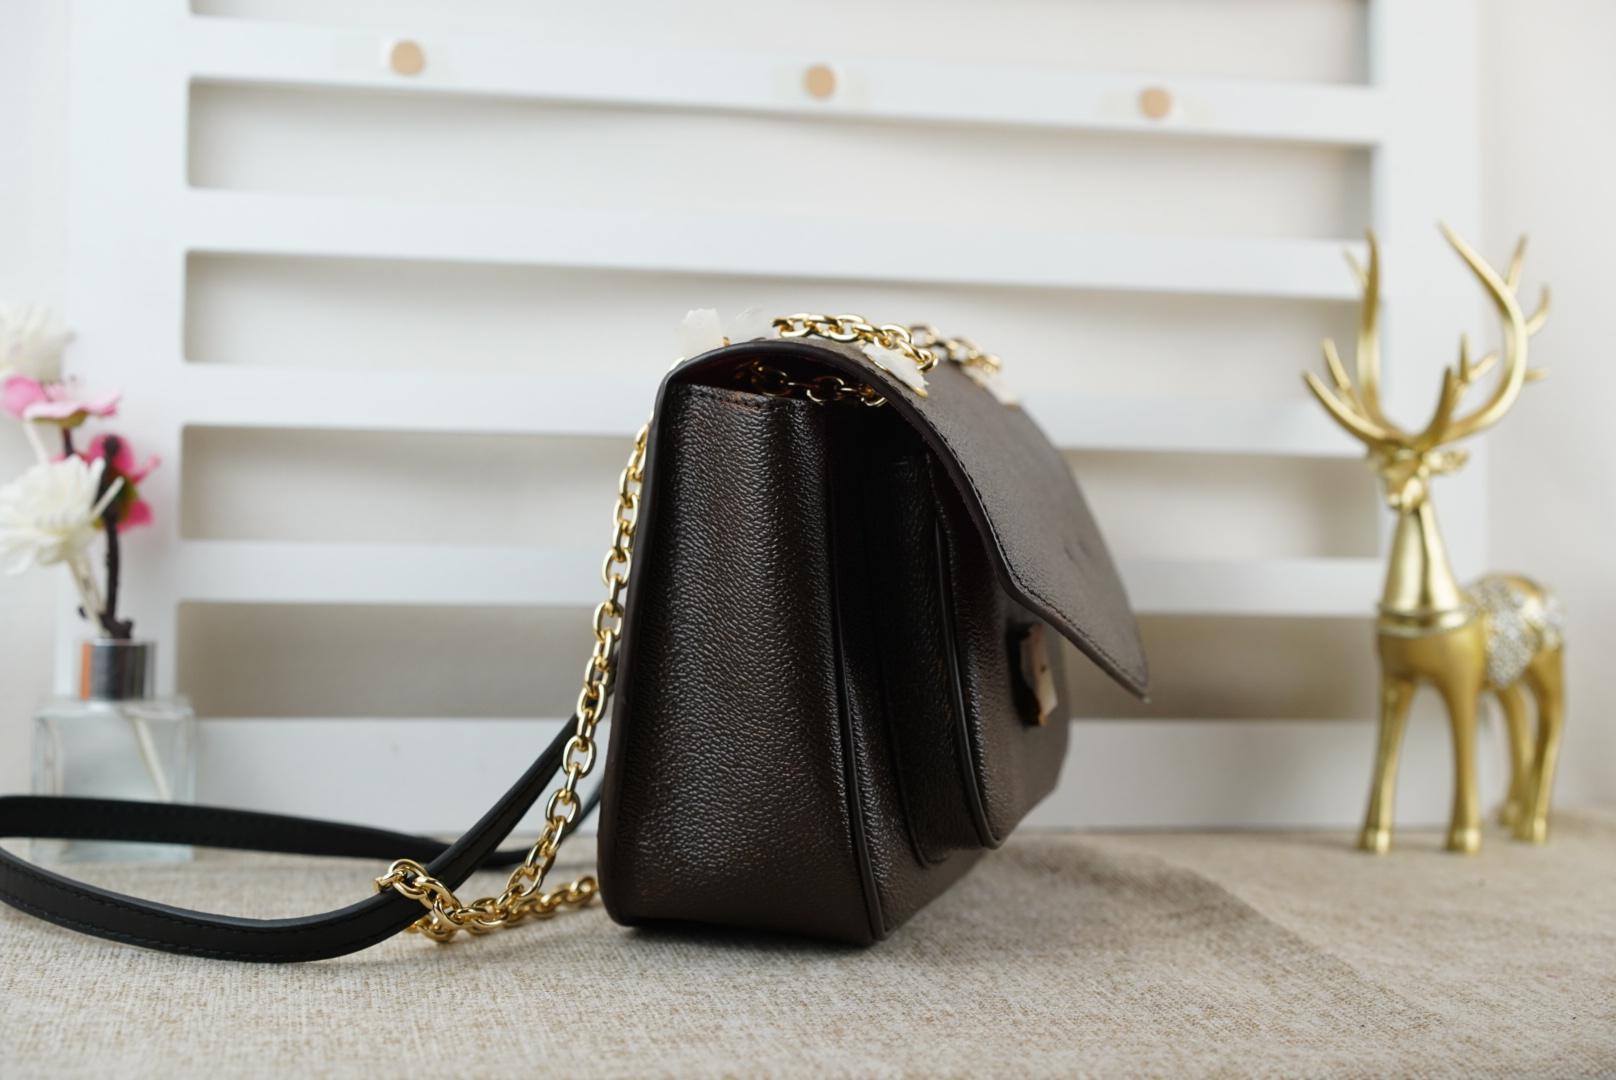 حقائب الكتف حقائب اليد حقيبة المرأة حقائب النساء crossbody المحافظ جلد القابض حقيبة الظهر المحفظة